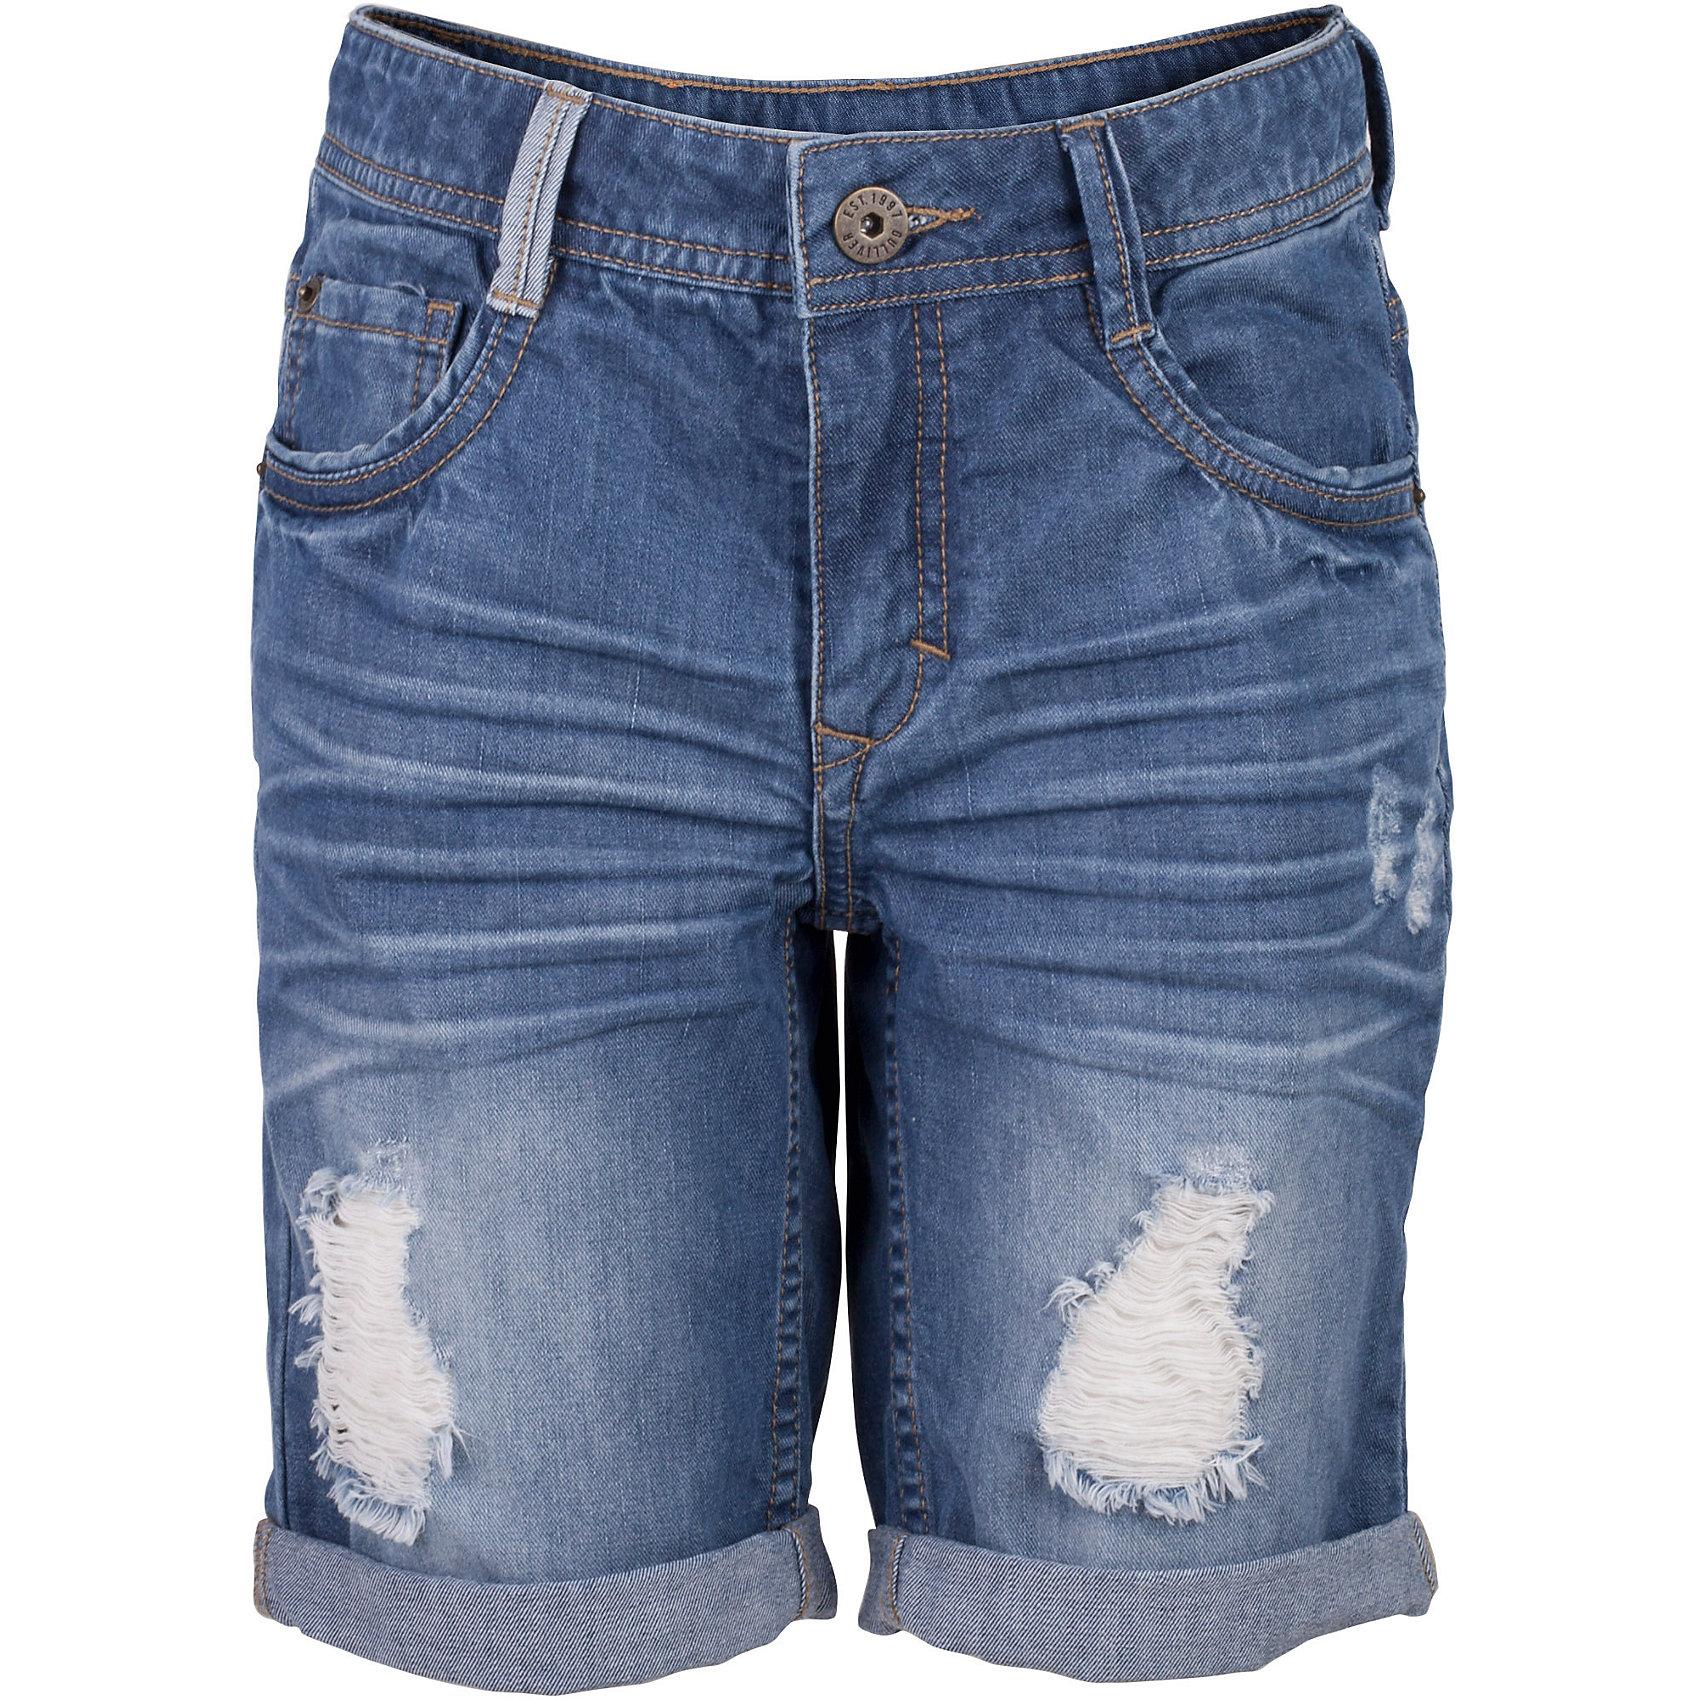 Шорты джинсовые для мальчика GulliverДжинсовая одежда<br>Джинсовые шорты для мальчика - изделие из разряда must have! Во-первых, это стильный удобный элемент гардероба, идеально подходящий к любой футболке, майке, джемперу. Во-вторых, джинсовые шорты очень практичны, а значит, незаменимы для активных игр и долгих прогулок на свежем воздухе. Поклонники Gulliver, конечно, уже привыкли к интересным джинсовым изделиям. Но в каждом сезоне дизайнеры компании создают новые элементы и выразительные детали. Модная посадка изделия на фигуре, варка, повреждения, потертости, цветные брызги - у вас снова есть шанс купить классные джинсовые шорты от лучшего бренда детской одежды! Синие шорты для мальчика - оптимальное решение для яркого и комфортного лета!<br>Состав:<br>100% хлопок<br><br>Ширина мм: 191<br>Глубина мм: 10<br>Высота мм: 175<br>Вес г: 273<br>Цвет: синий<br>Возраст от месяцев: 108<br>Возраст до месяцев: 120<br>Пол: Мужской<br>Возраст: Детский<br>Размер: 140,128,134,122<br>SKU: 5482837